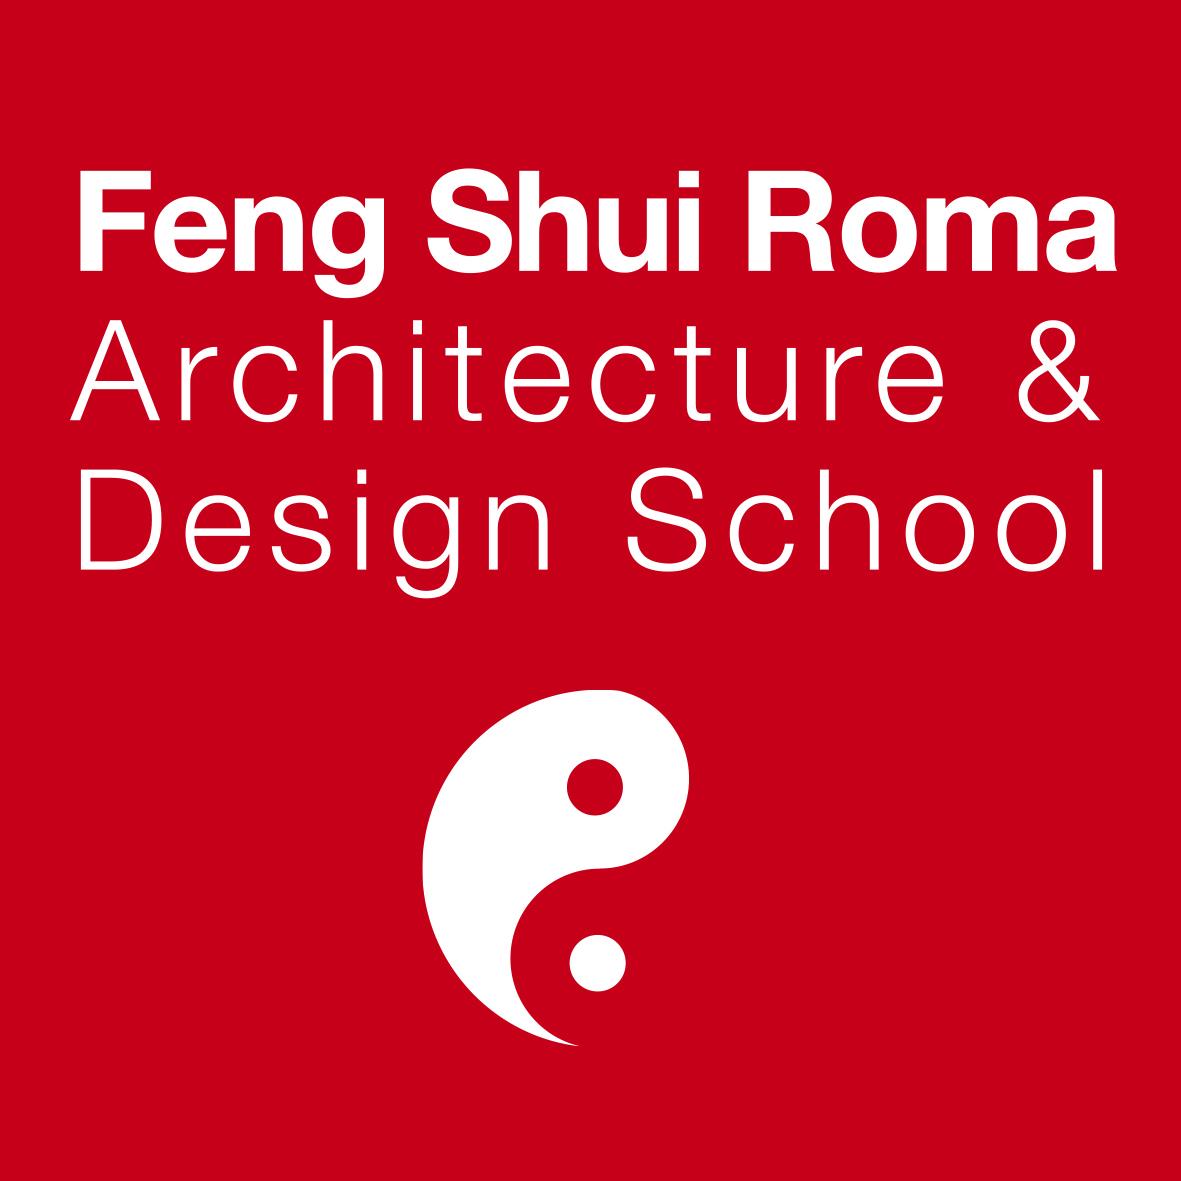 Feng Shui Roma